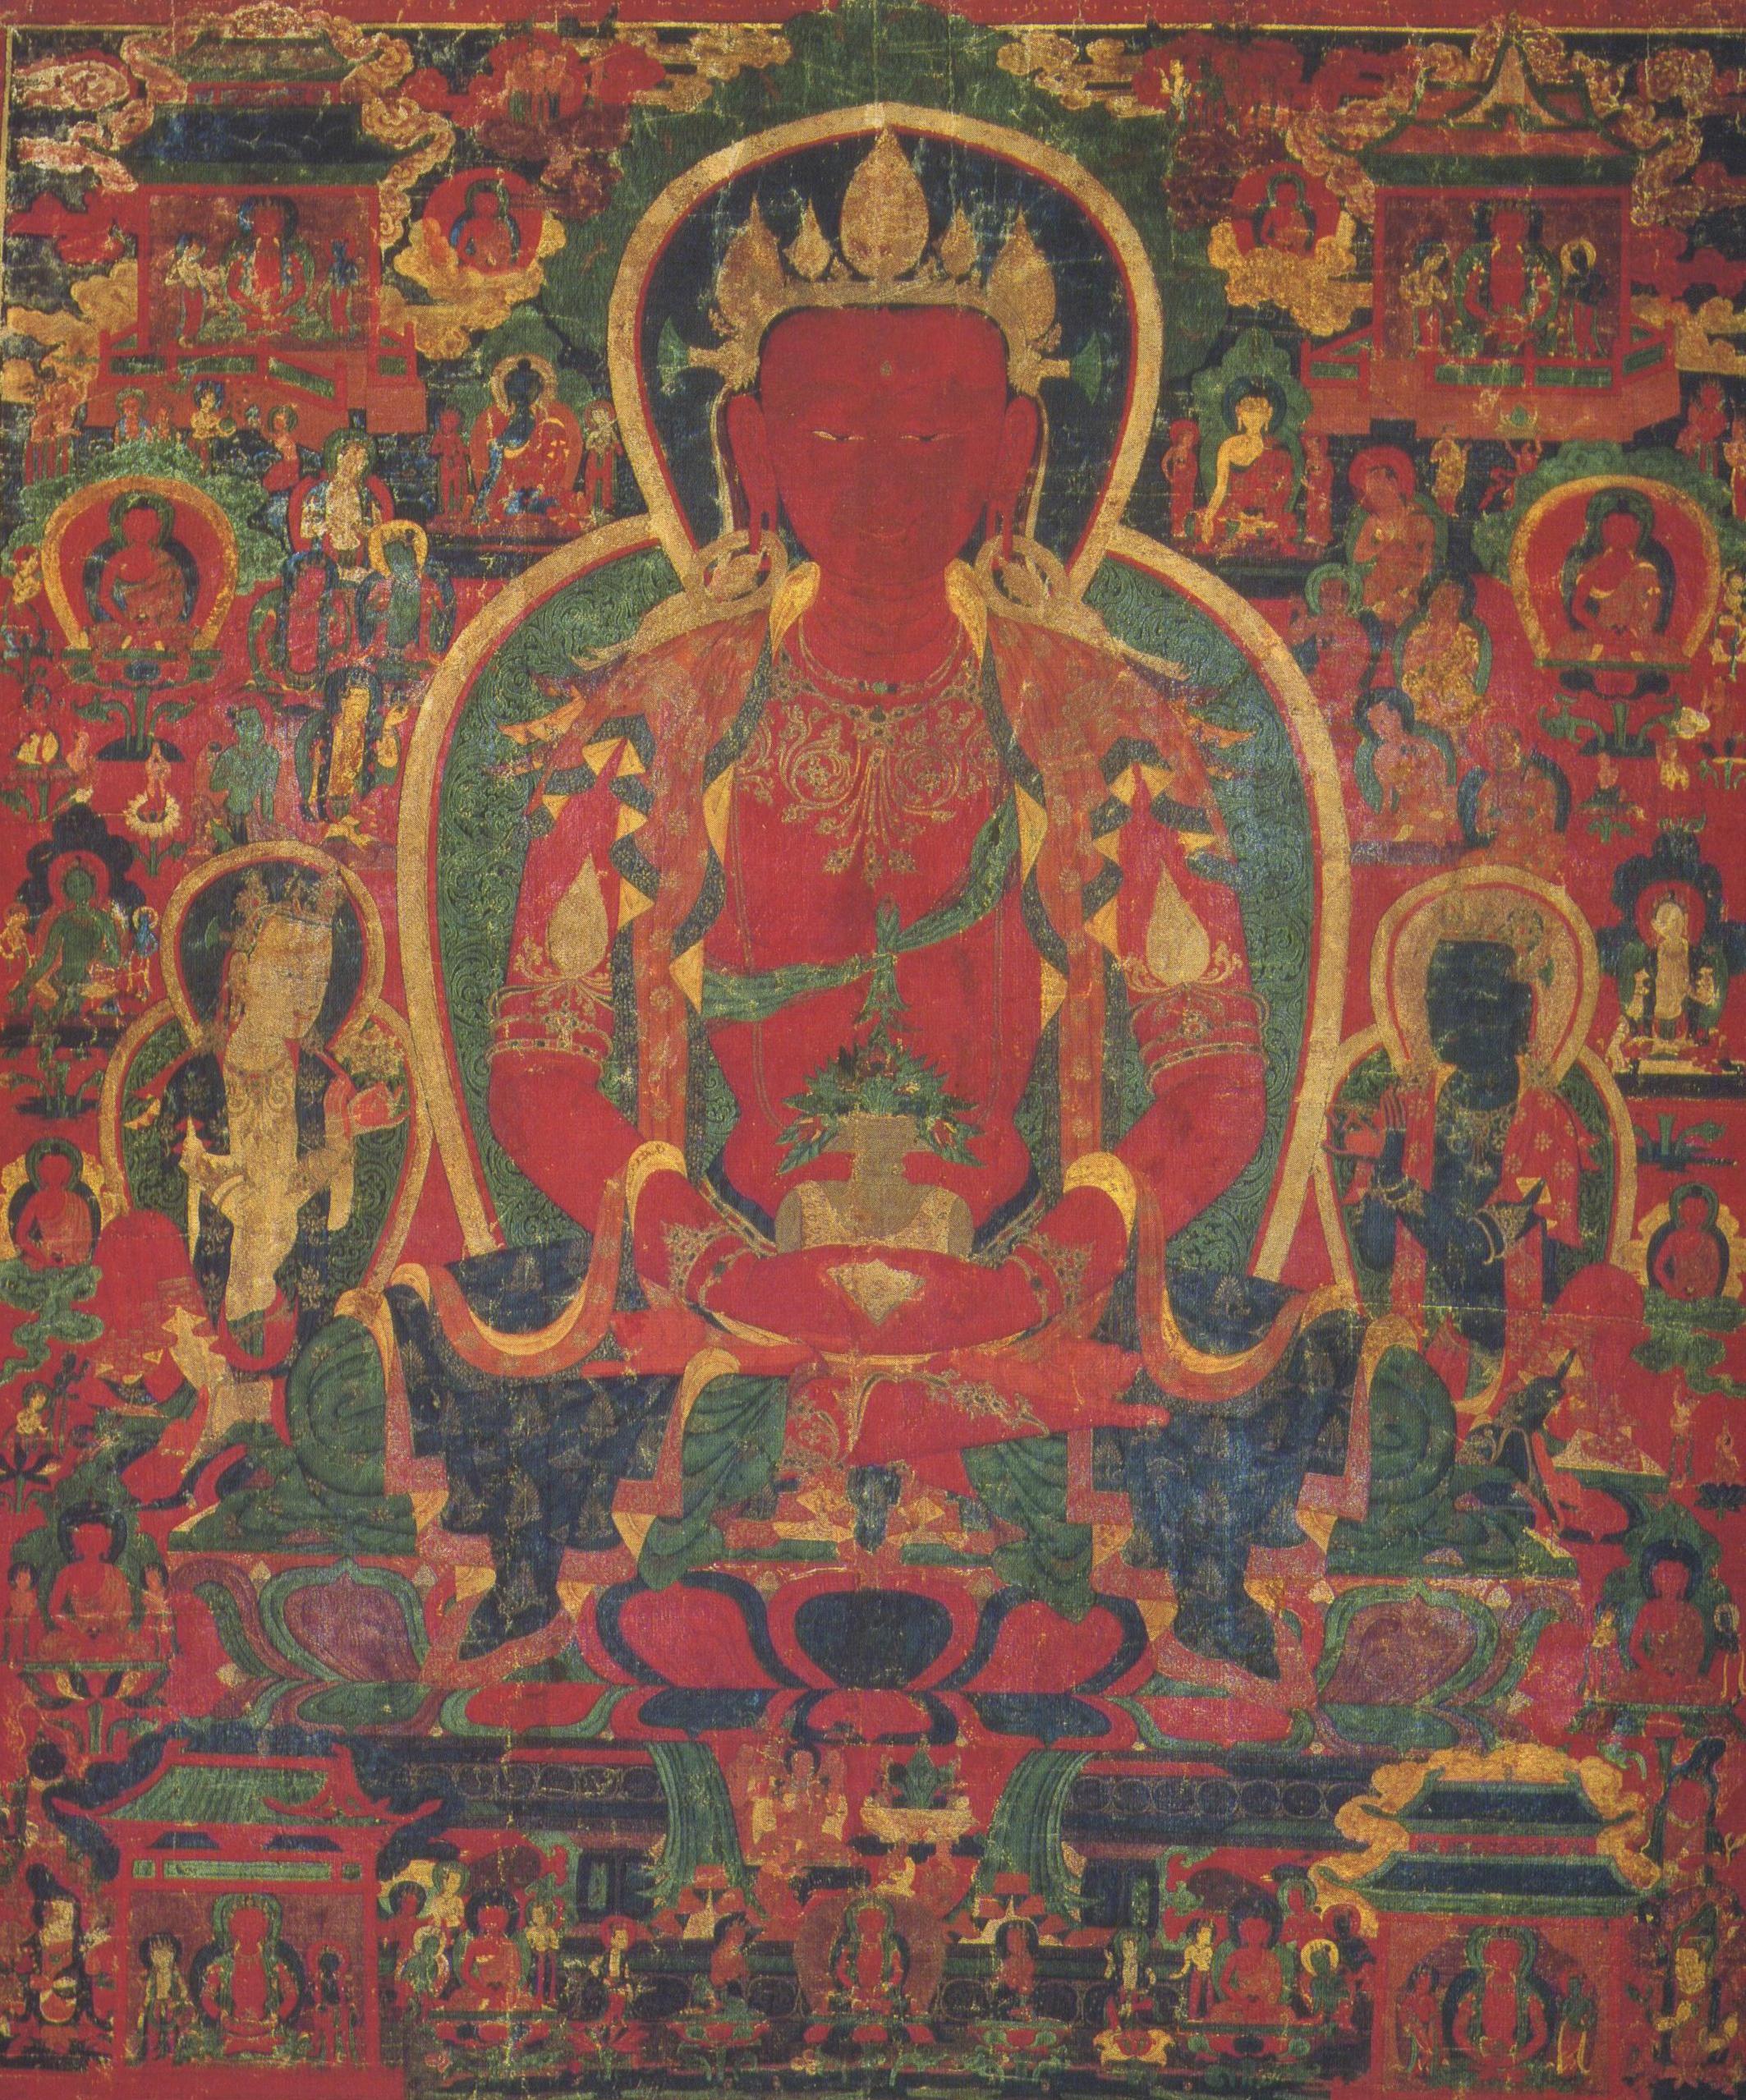 Lama Tzong Khapa: Qualunque fonte di virtù abbia conseguito nel corso di tutte le mie vite, tramite azioni fisiche, verbali e mentali, possa tutto ciò servire unicamente come causa di bene altruistico e di pura illuminazione.